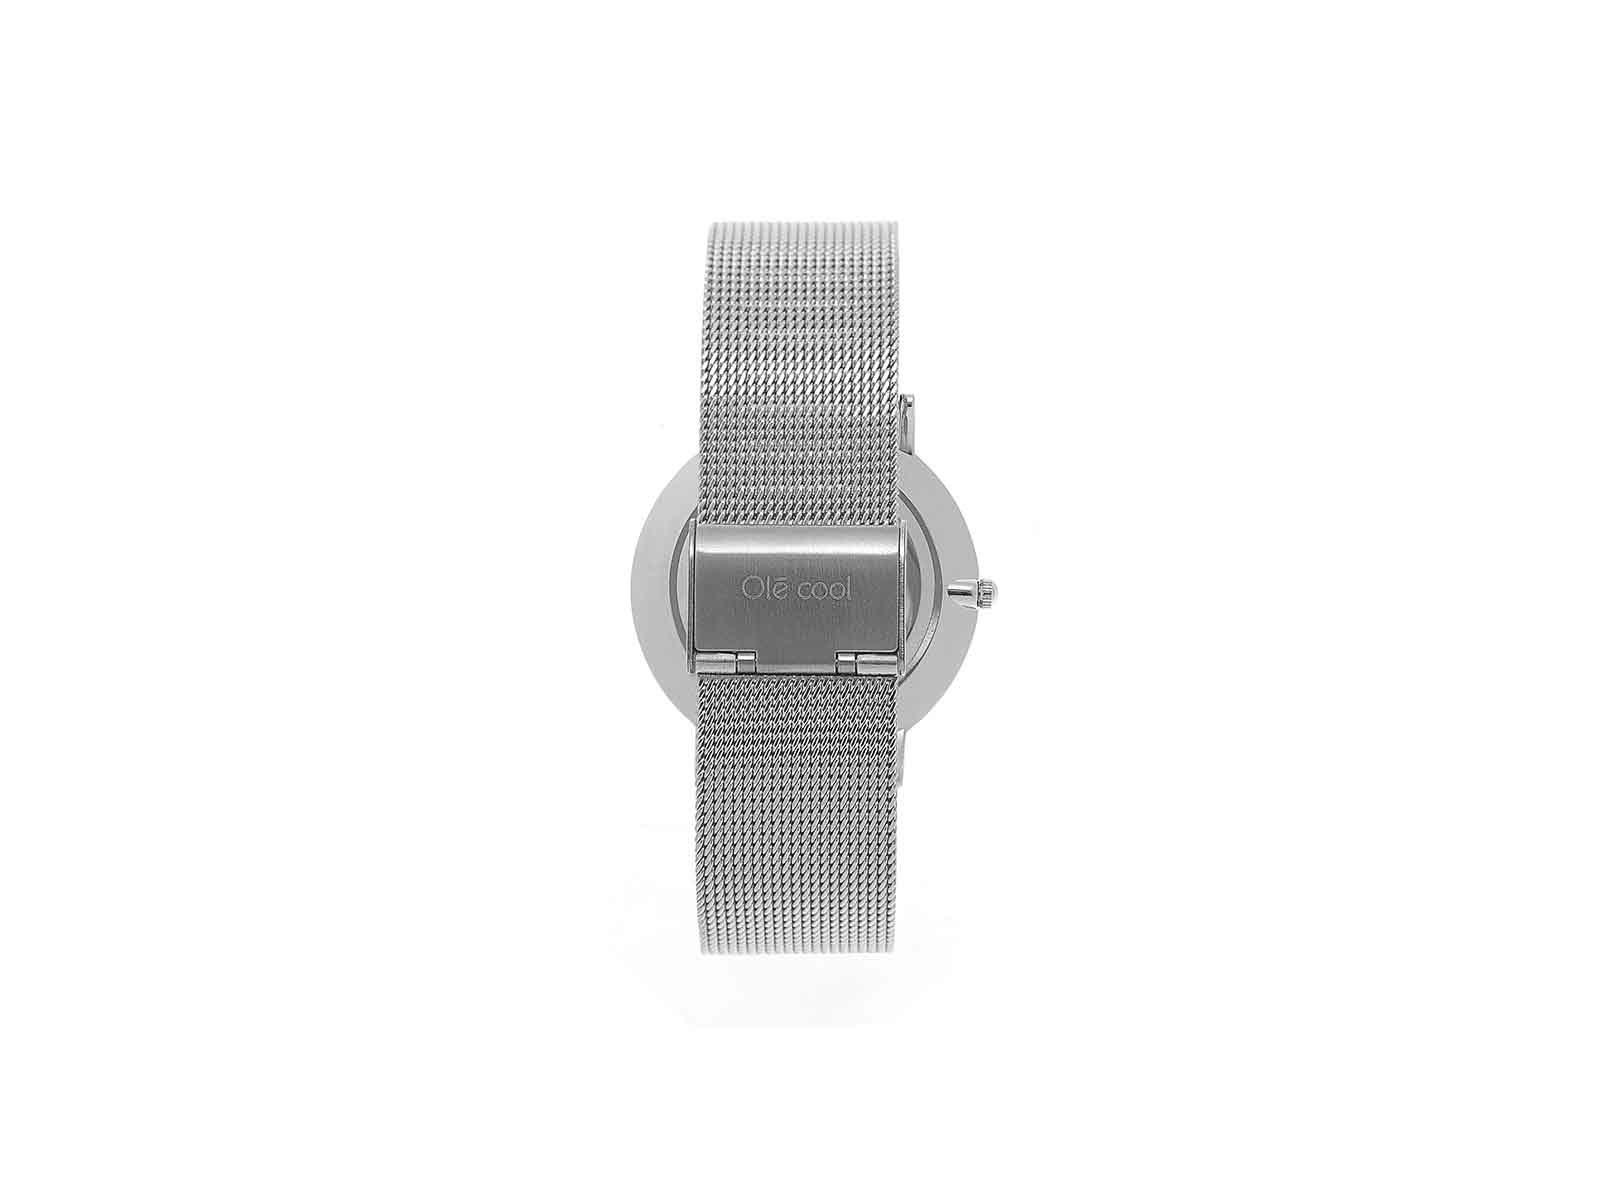 reloj en color plata para mujer de la marca olecool